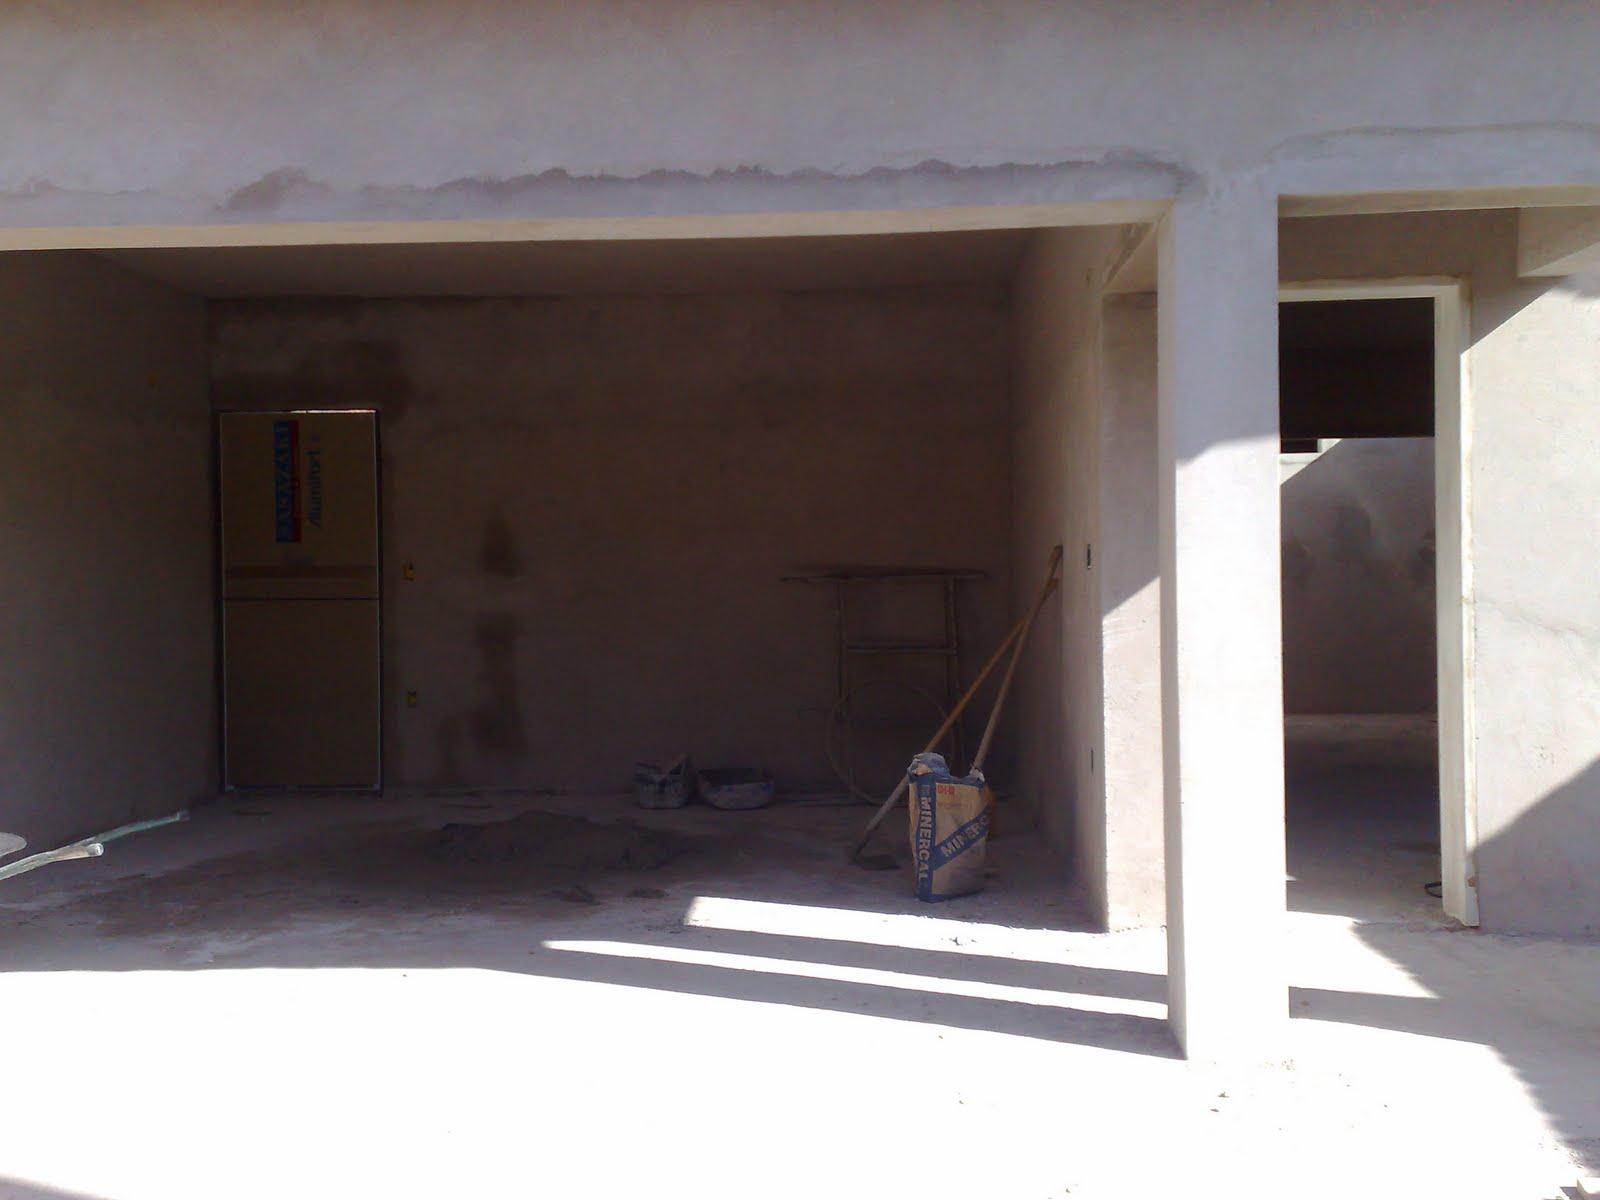 #6E5D4D Passo a passo da construção da minha primeira casa: Requadramento 1434 Requadramento De Janelas